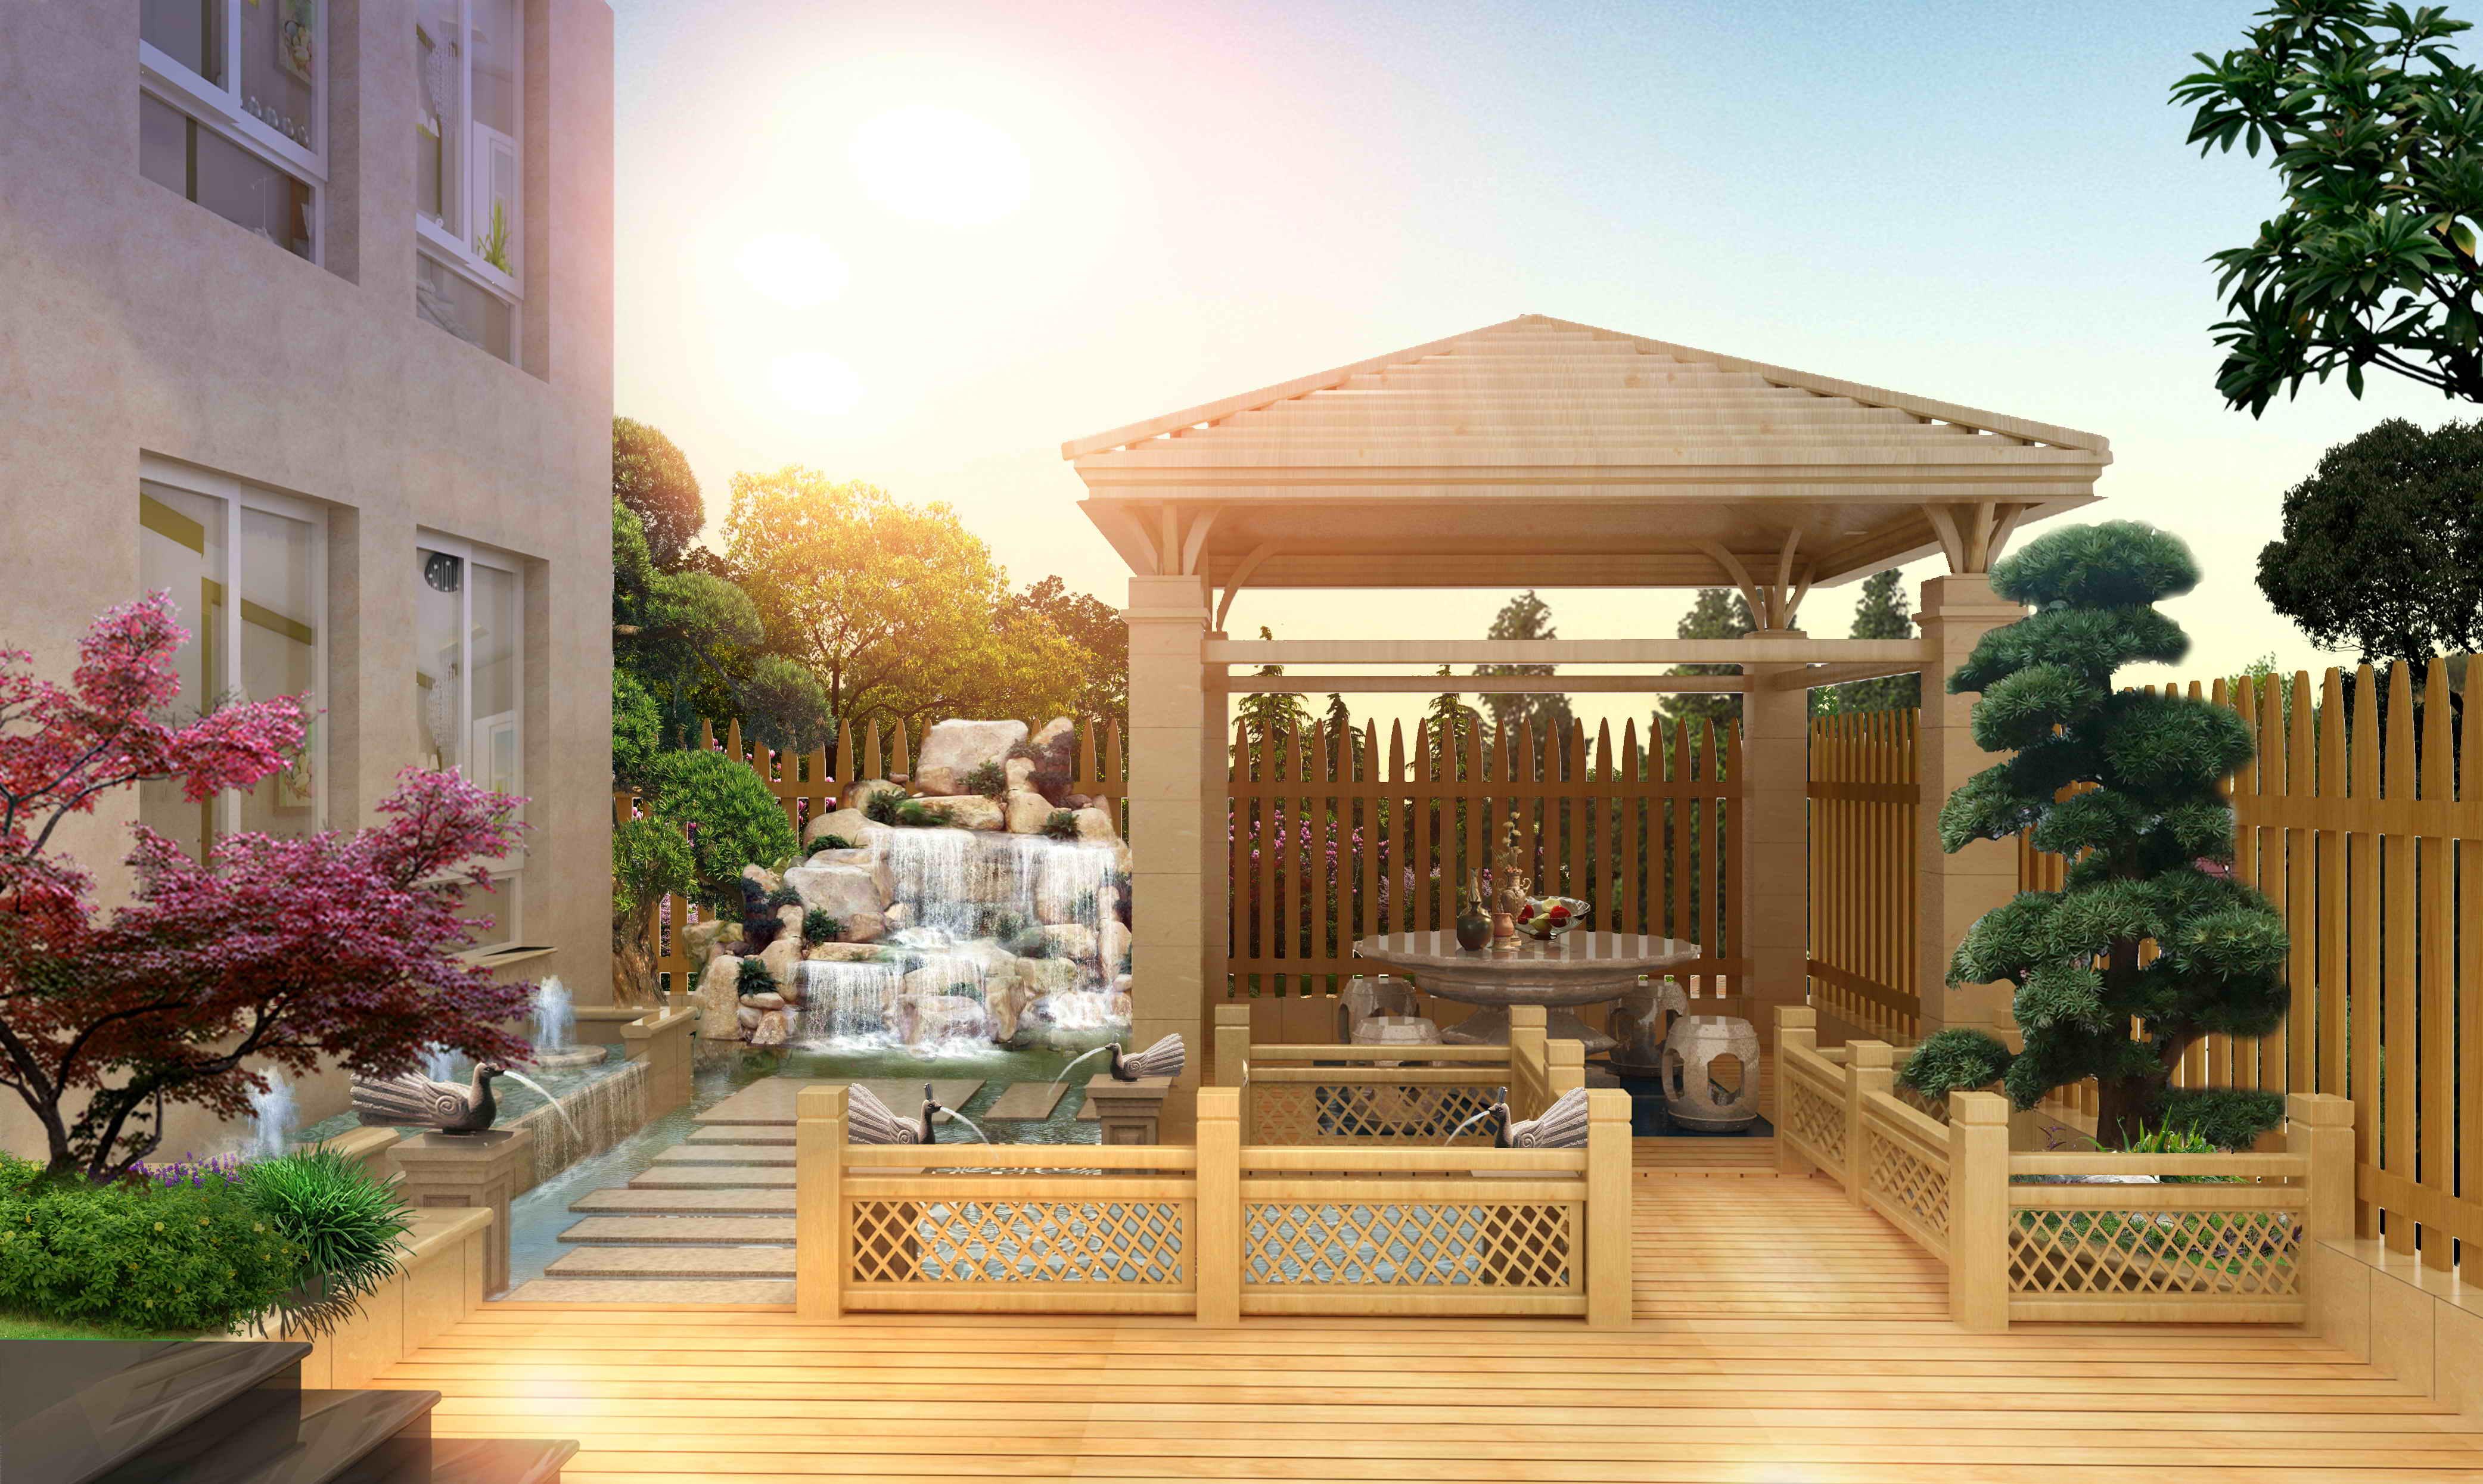 别墅庭院景观作品|空间|景观设计|畅美园林 - 原创图片